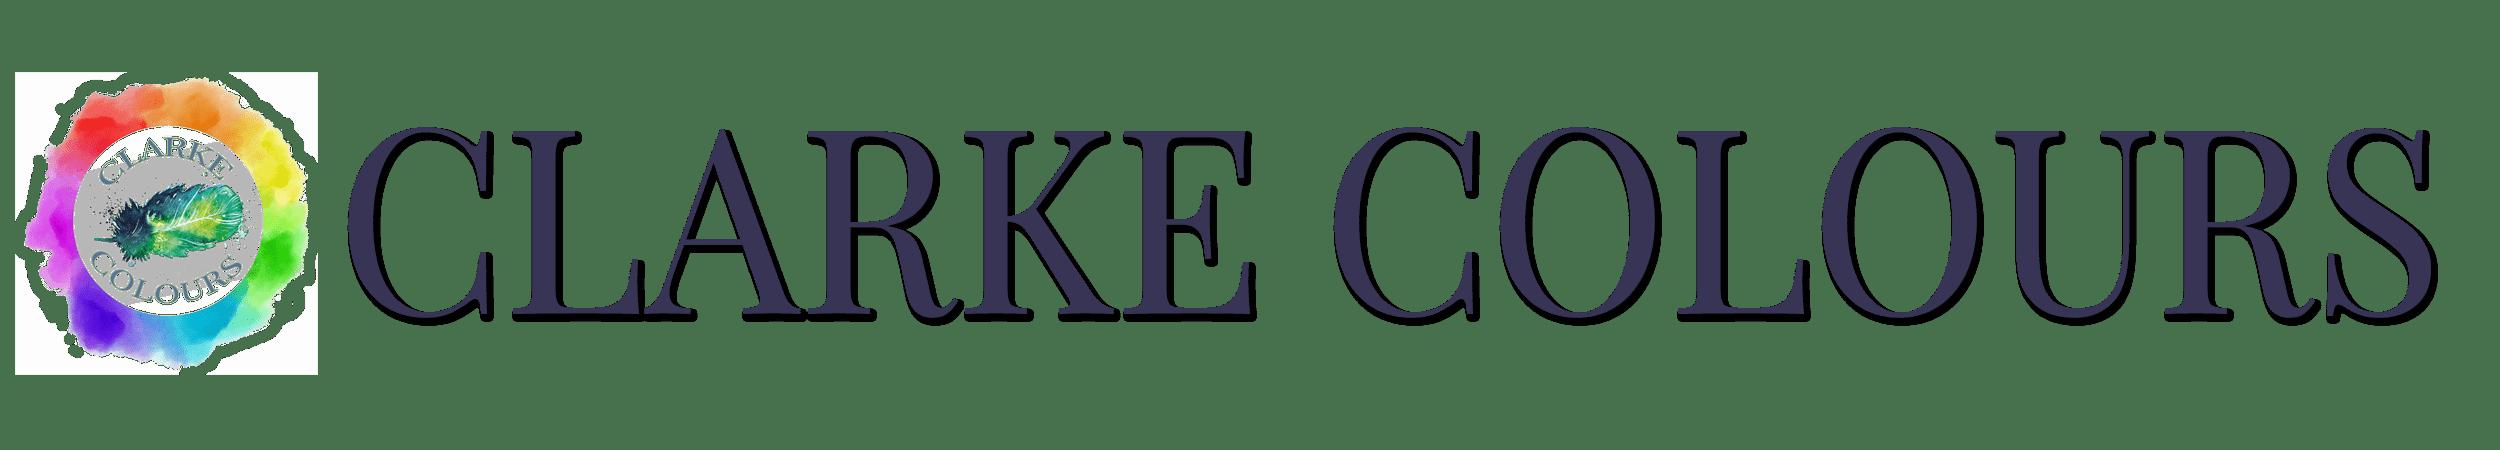 Clarke Colours